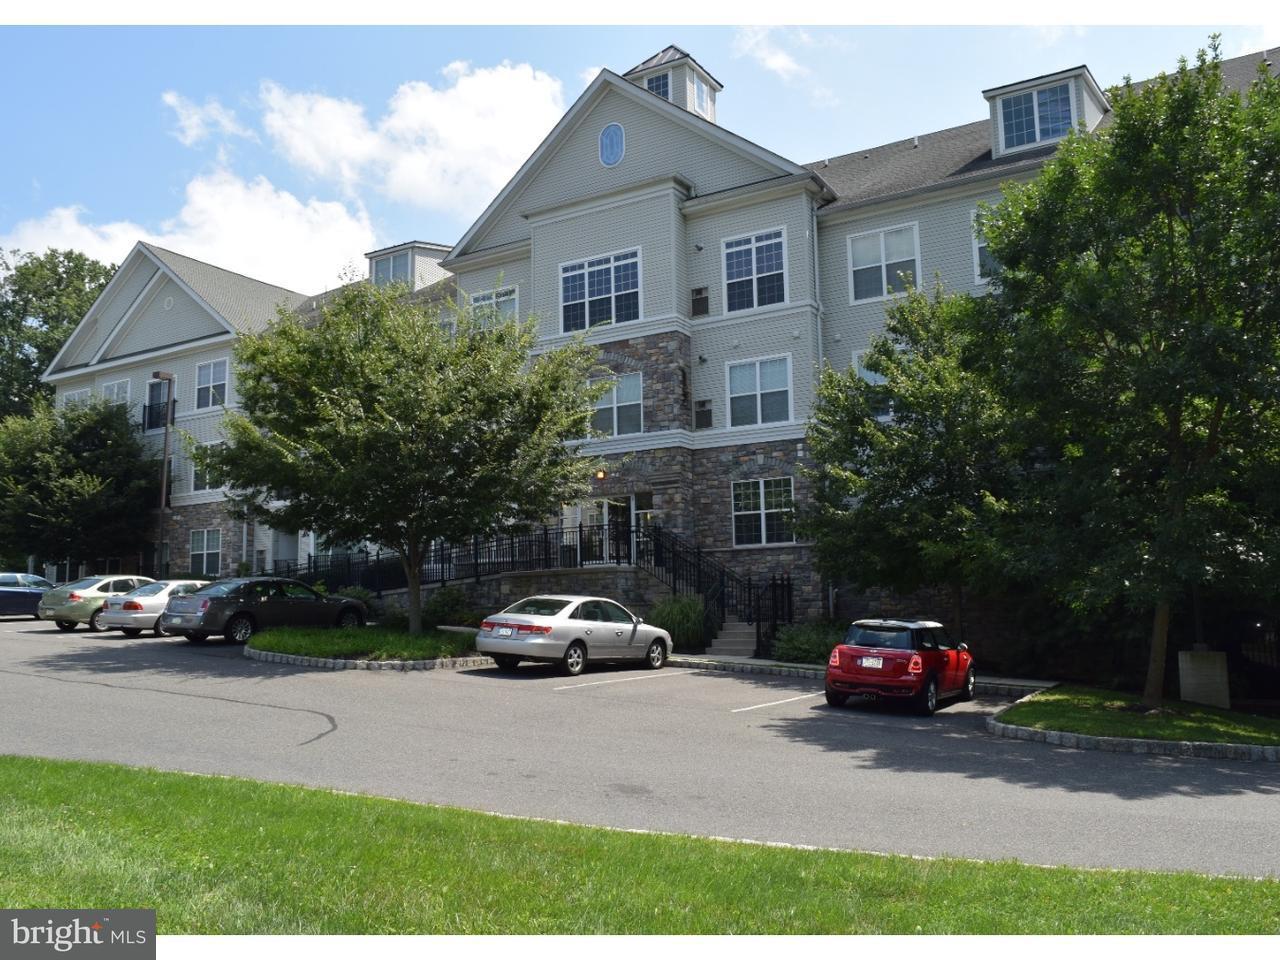 共管式独立产权公寓 为 出租 在 6206 LYDIA HOLLOW Drive Chester Heights, 宾夕法尼亚州 19342 美国